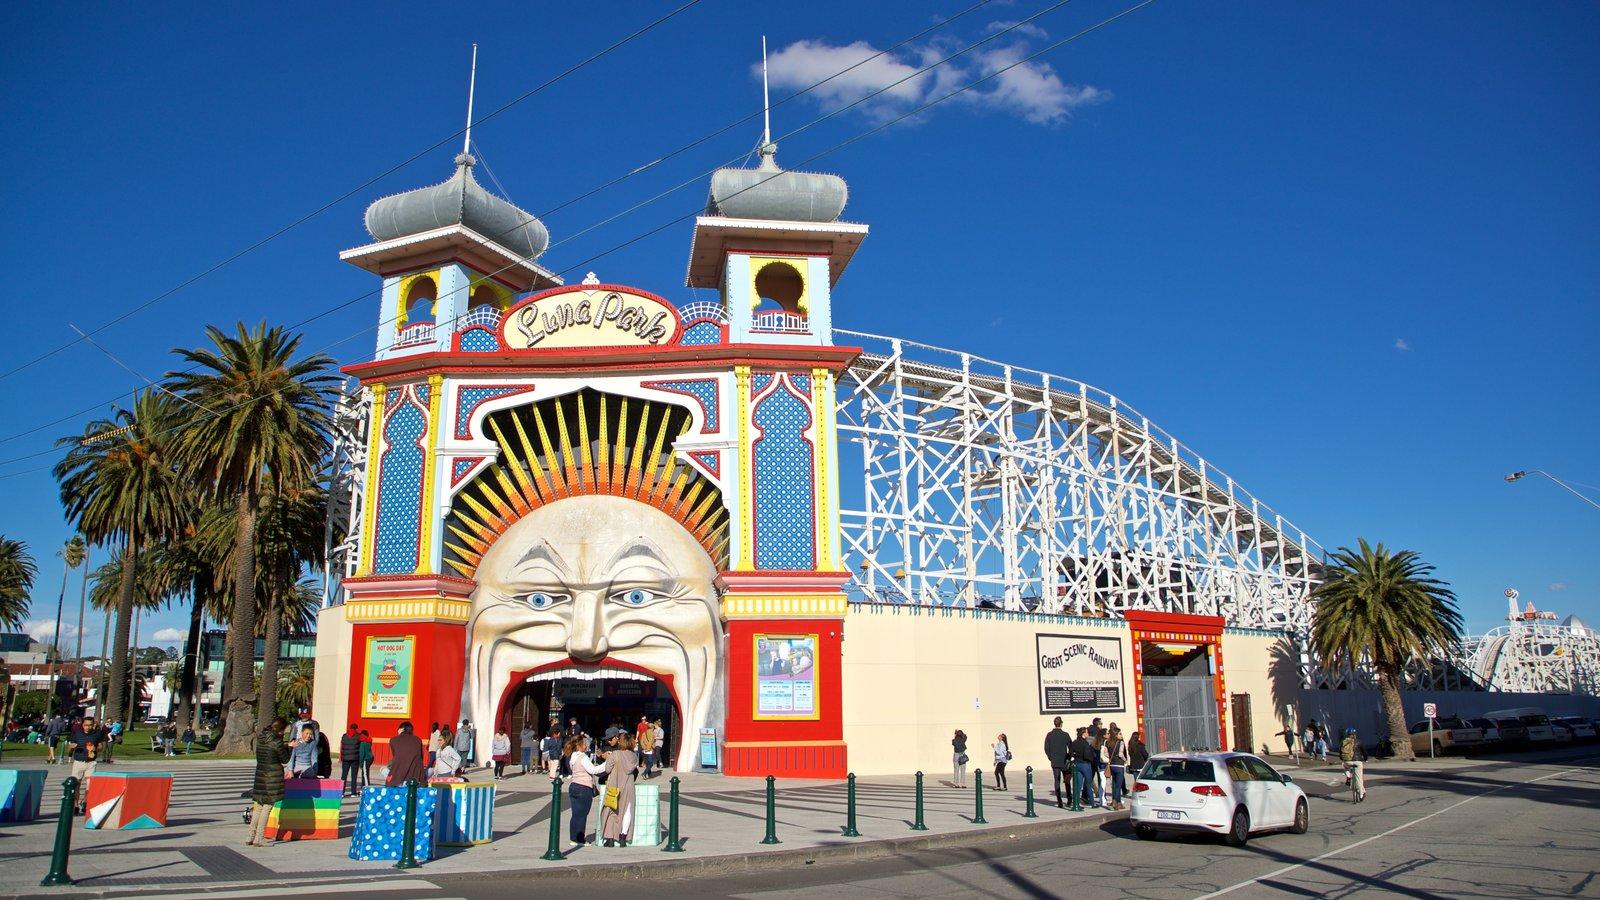 Luna Park showing rides